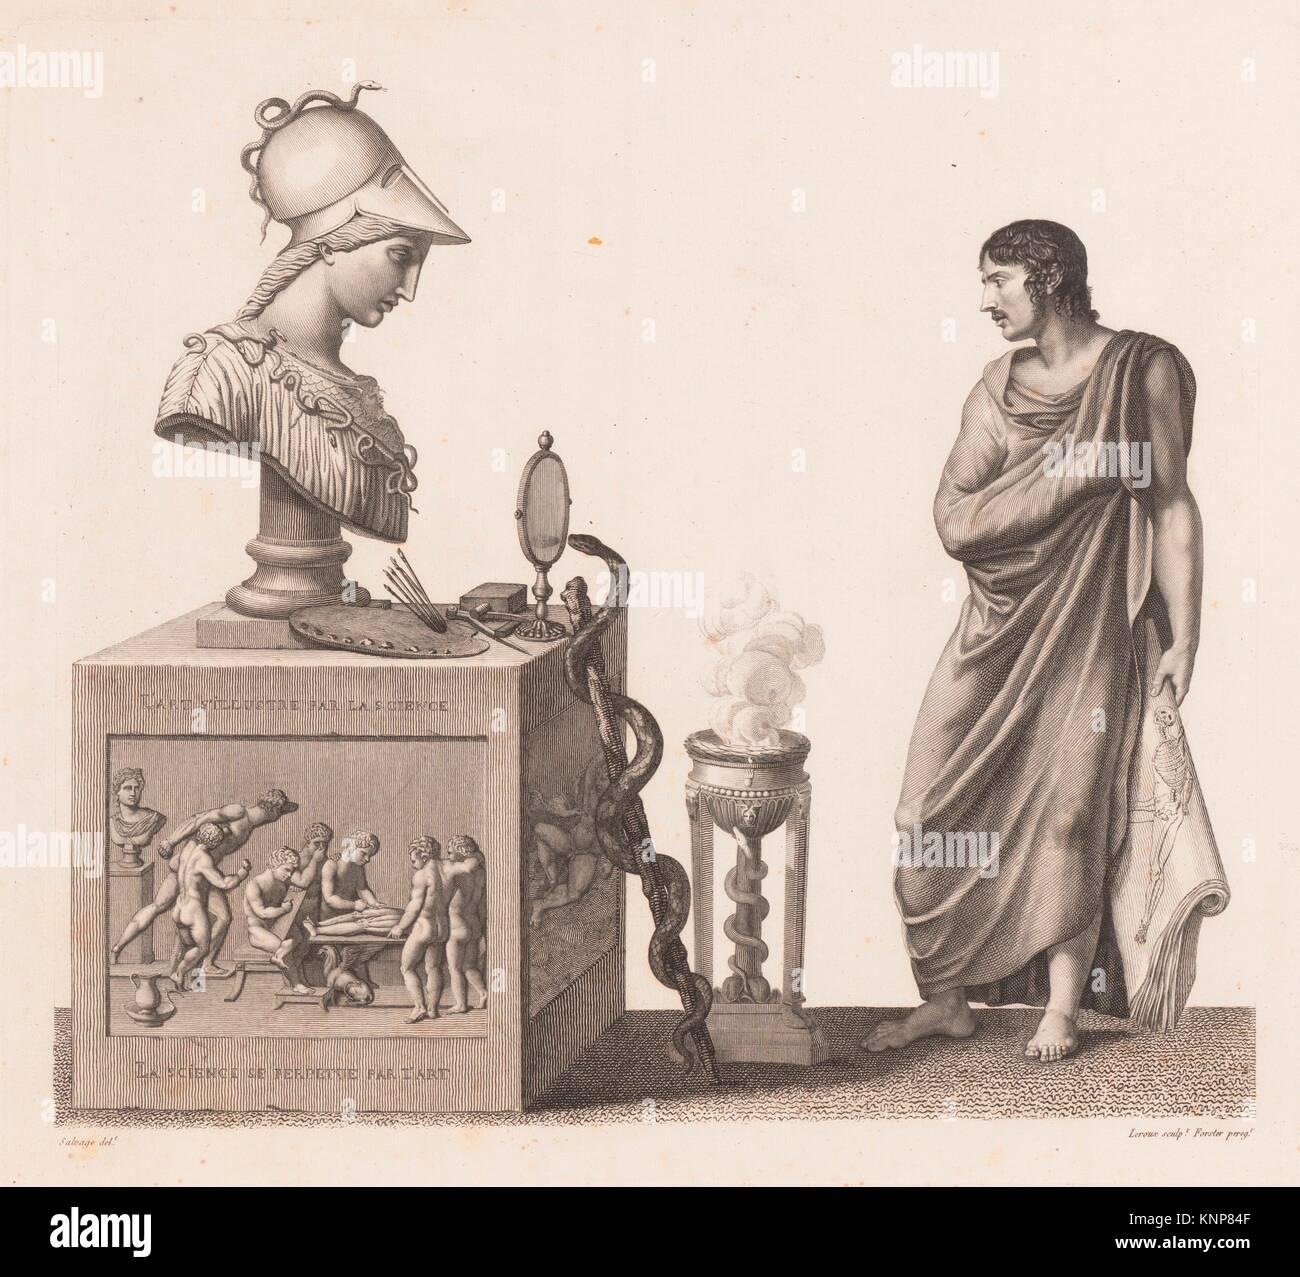 Anatomie du gladiateur combattant applicable aux beaux arts, ou Traité des os, des muscles, du mécanisme de mouvemens, de proportions et des Stock Photo